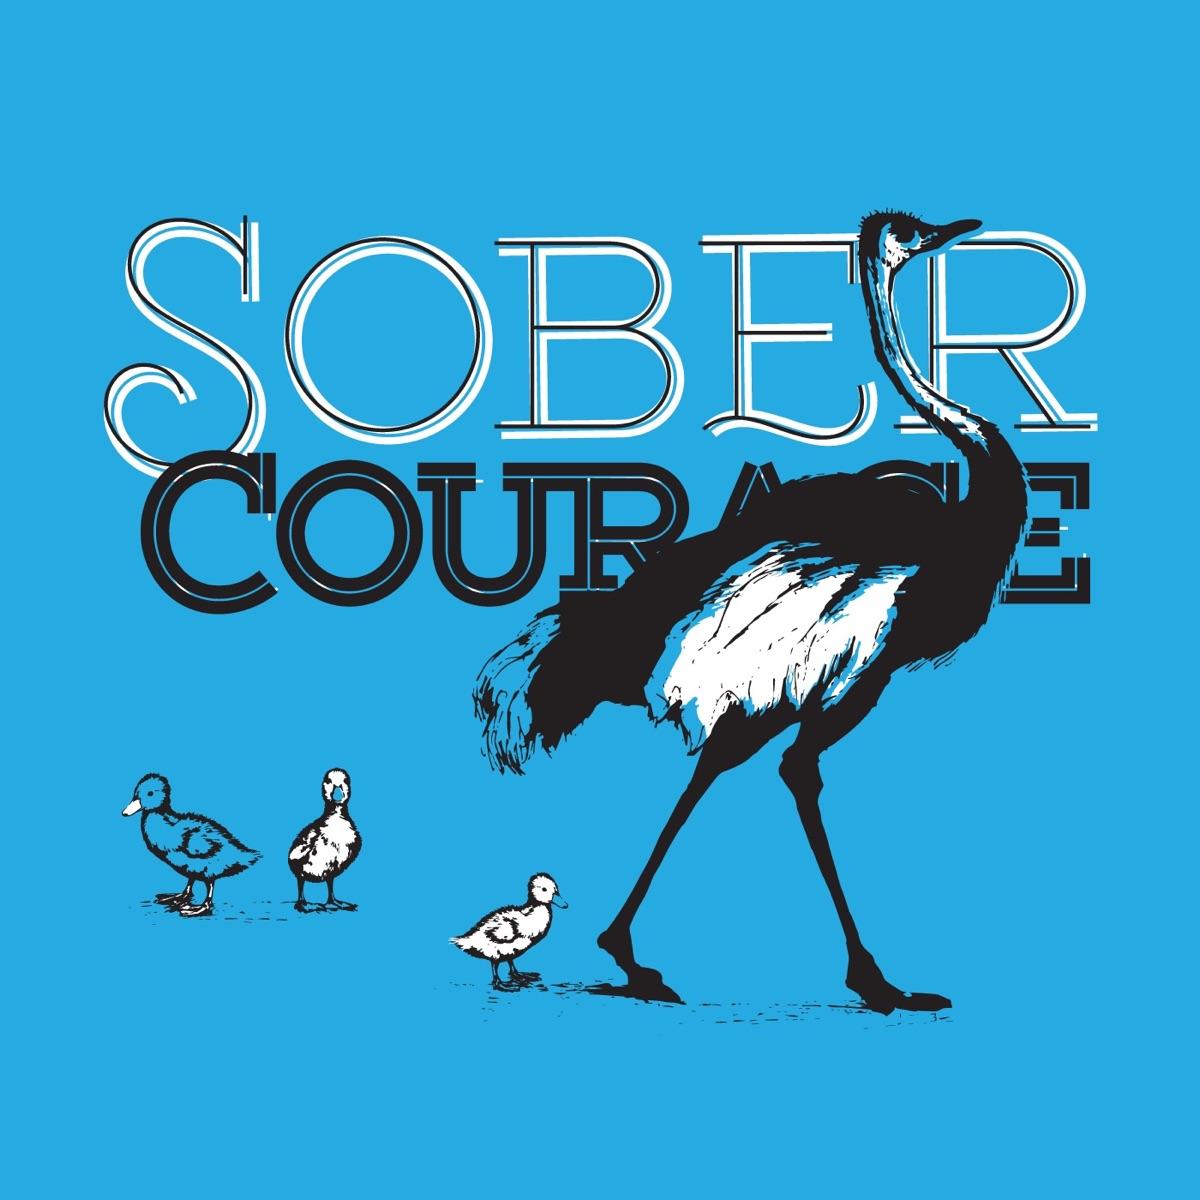 Sober Courage Pod